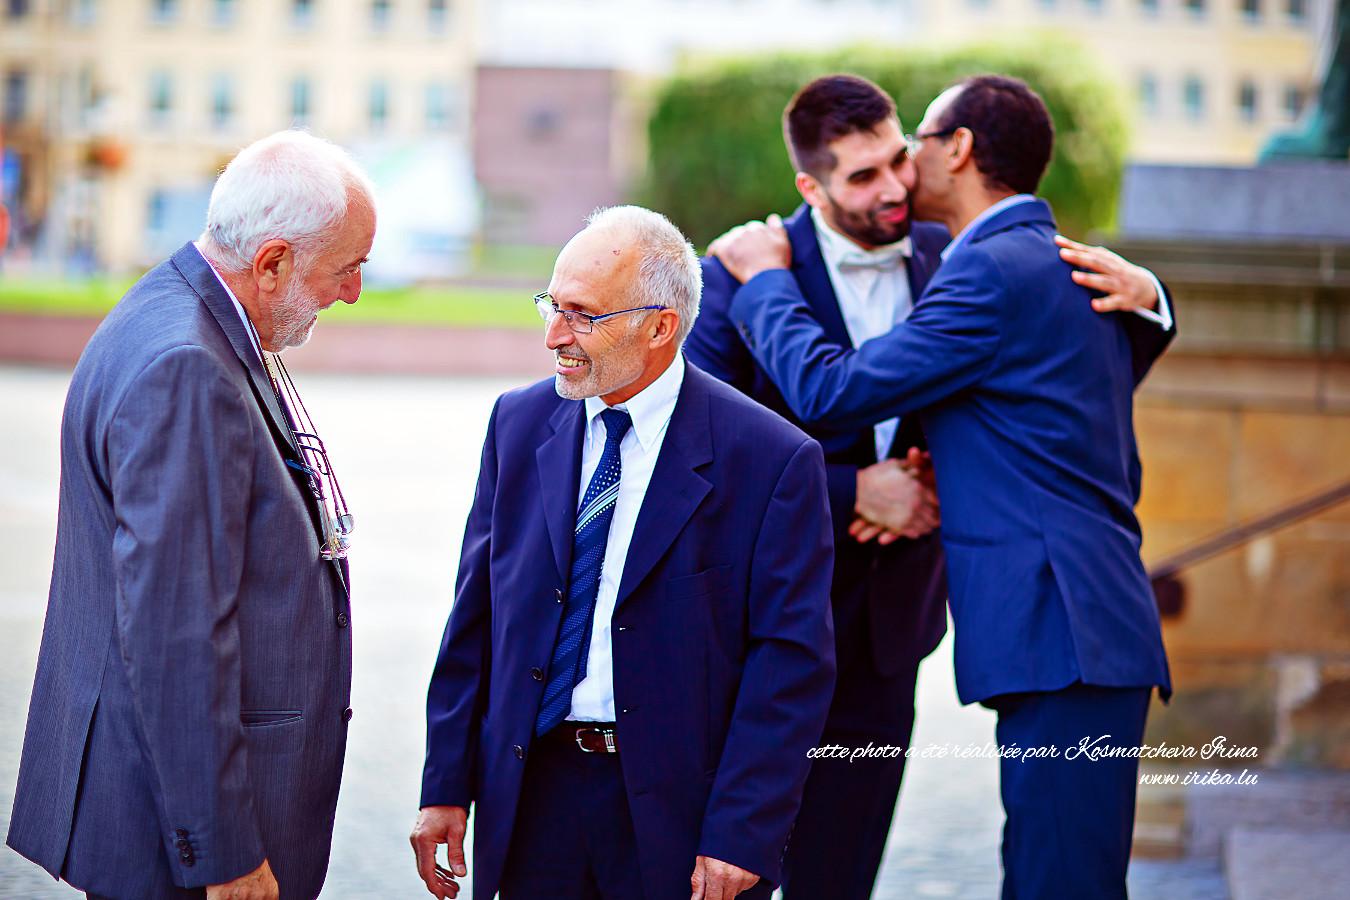 Quatre hommes du mariage